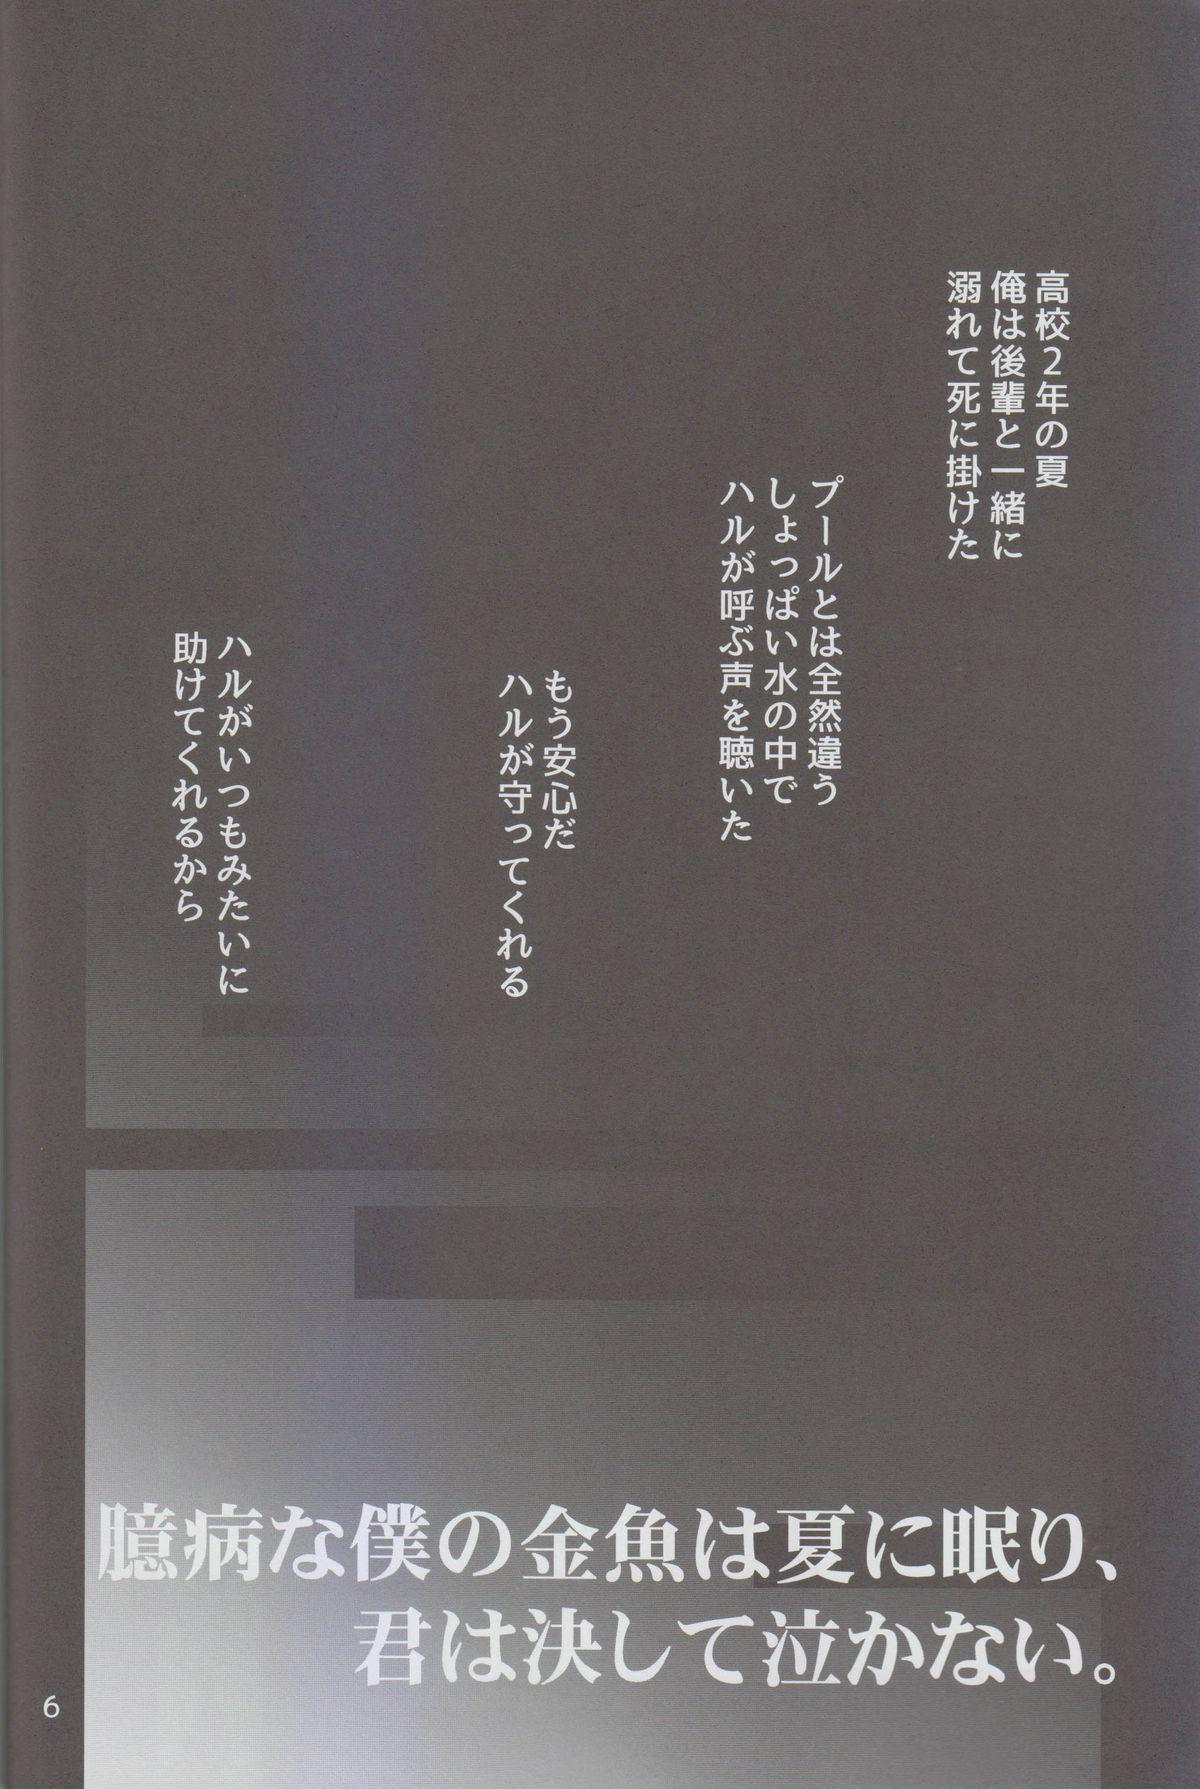 Okubyou na Boku no Kingyo wa Natsu ni Nemuri, Kimi wa Kesshite Nakanai. 4